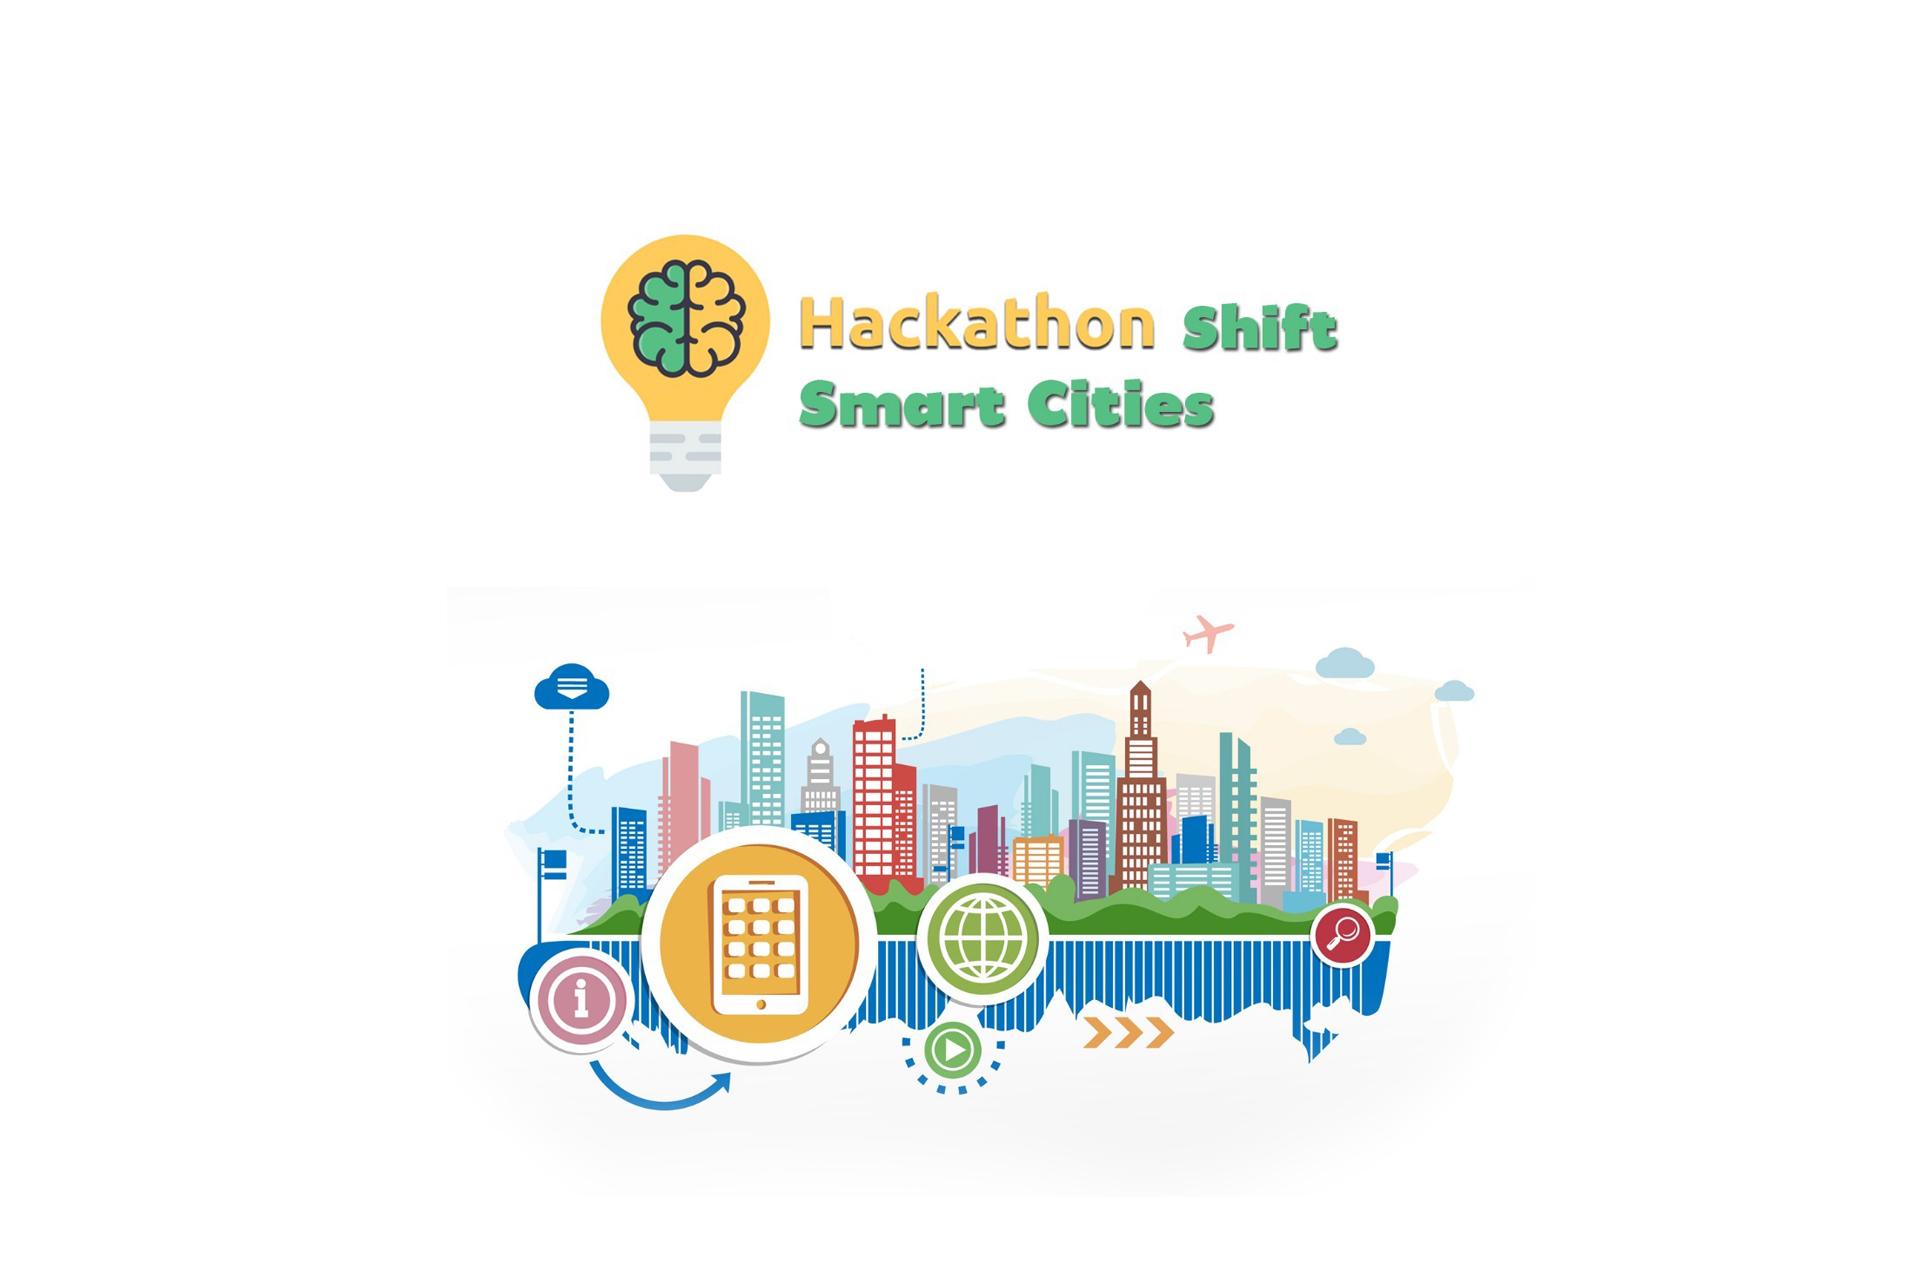 UNIFEBE sedia evento de soluções voltadas para cidades inteligentes